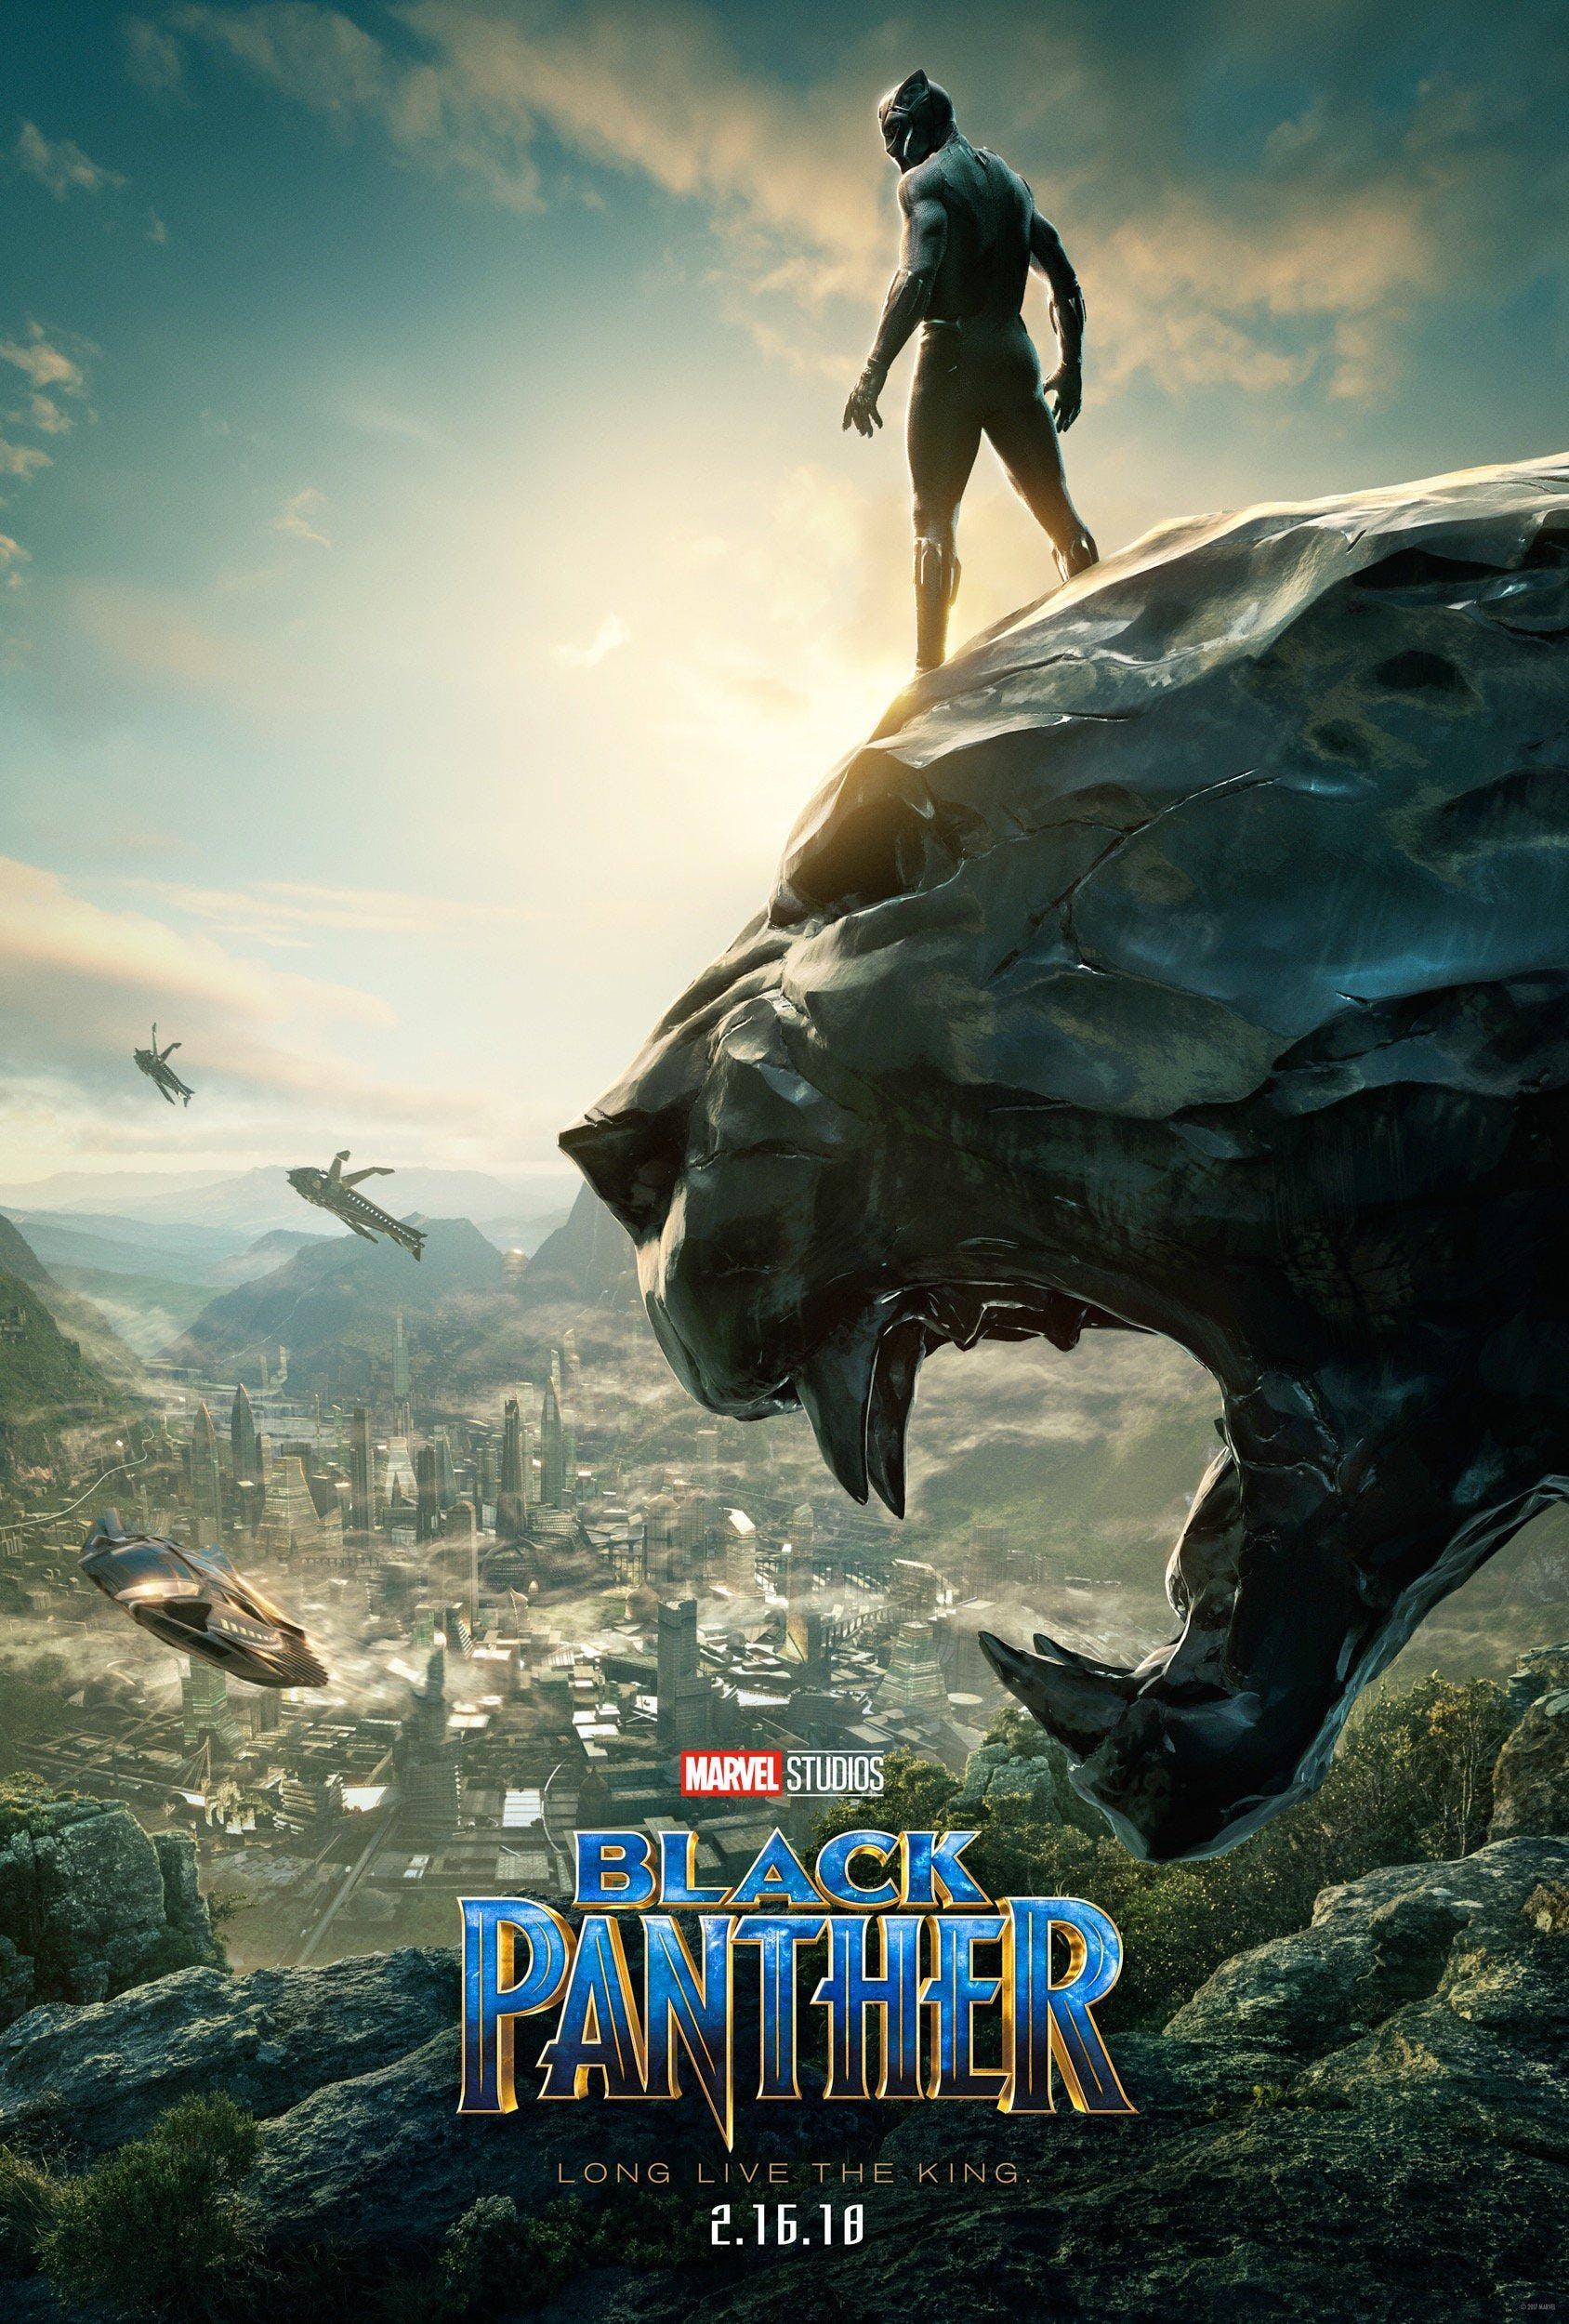 Black Panther Film Screening